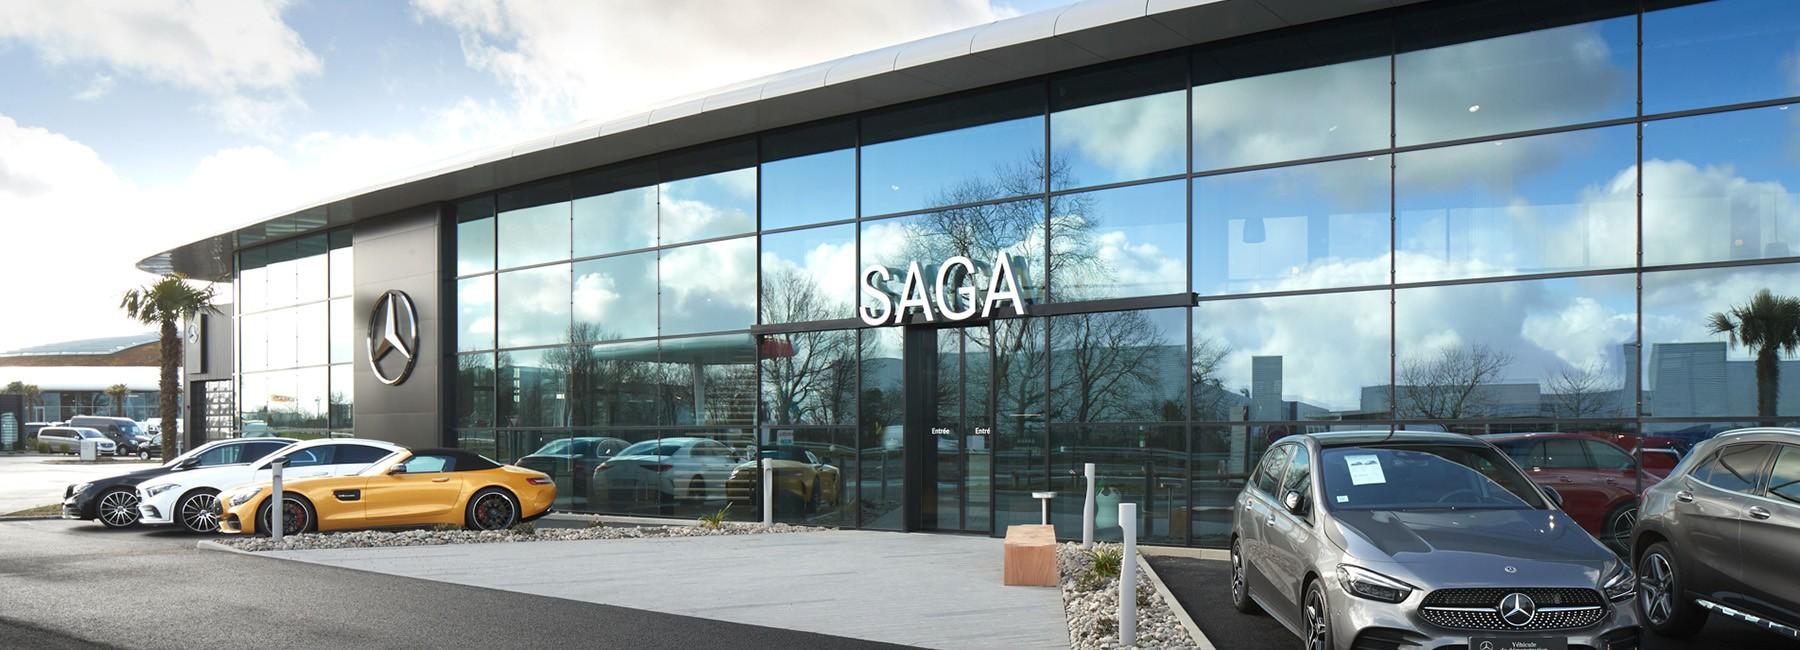 SAGA La Roche-sur-Yon